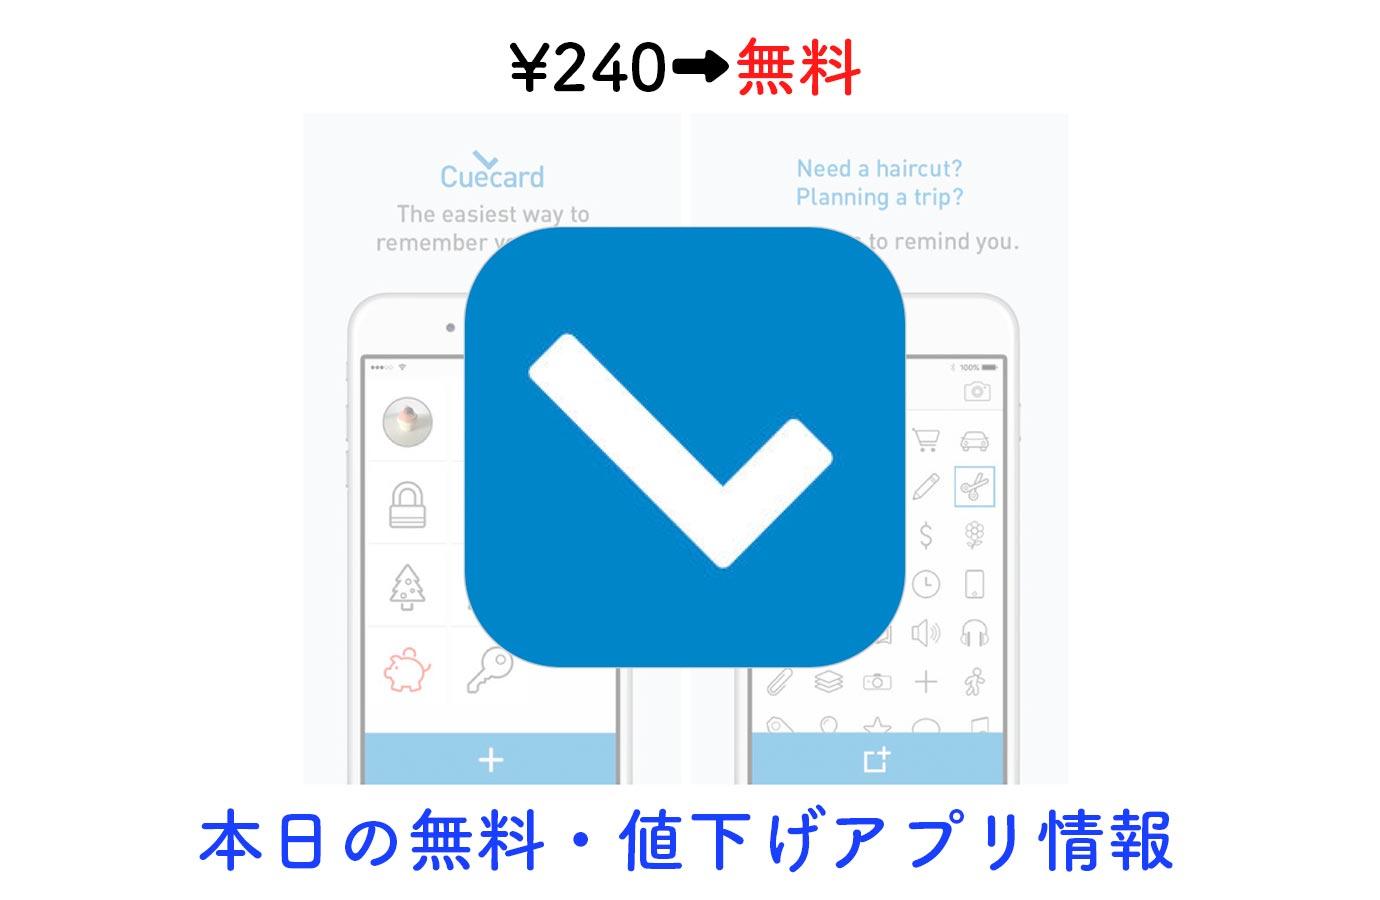 ¥240→無料、ひと目で分かるアイコンや写真で管理できるToDoアプリ「Cuecard」など【11/22】本日の無料・値下げアプリ情報